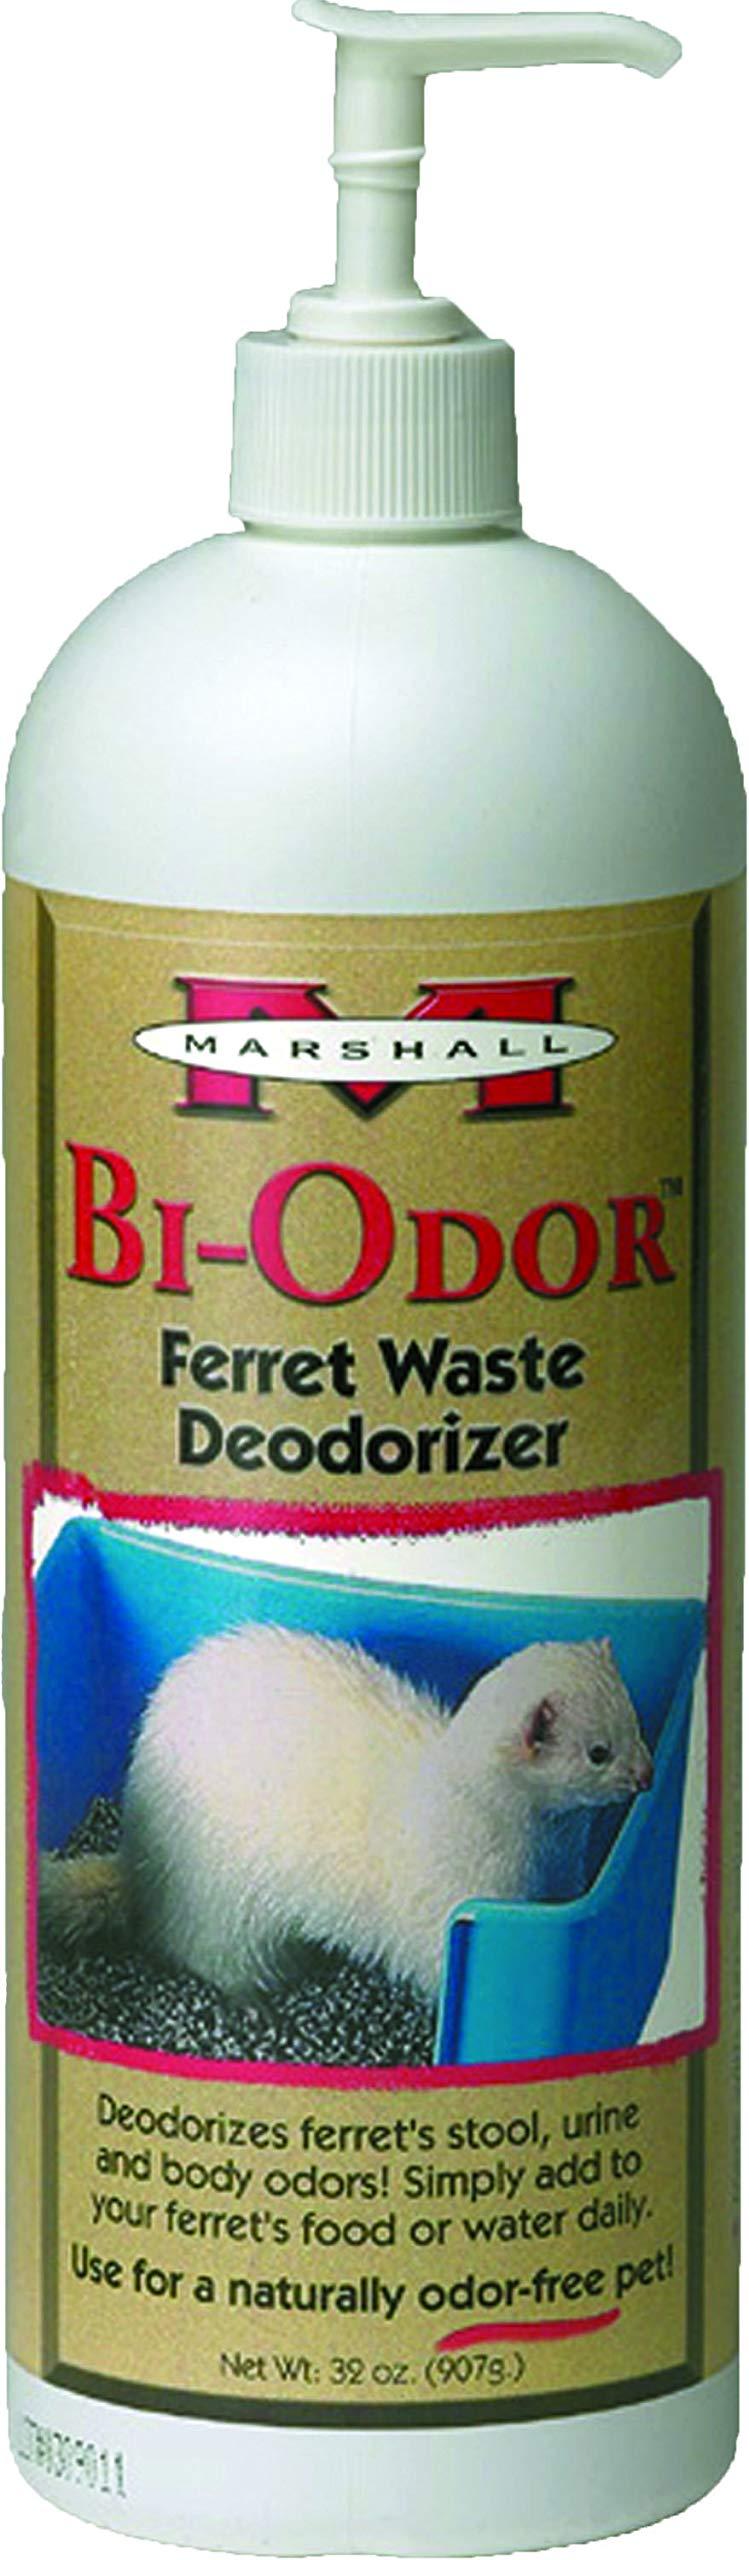 Bi-Odor Waste Deodorizer 32 Oz by Marshall Pet Products